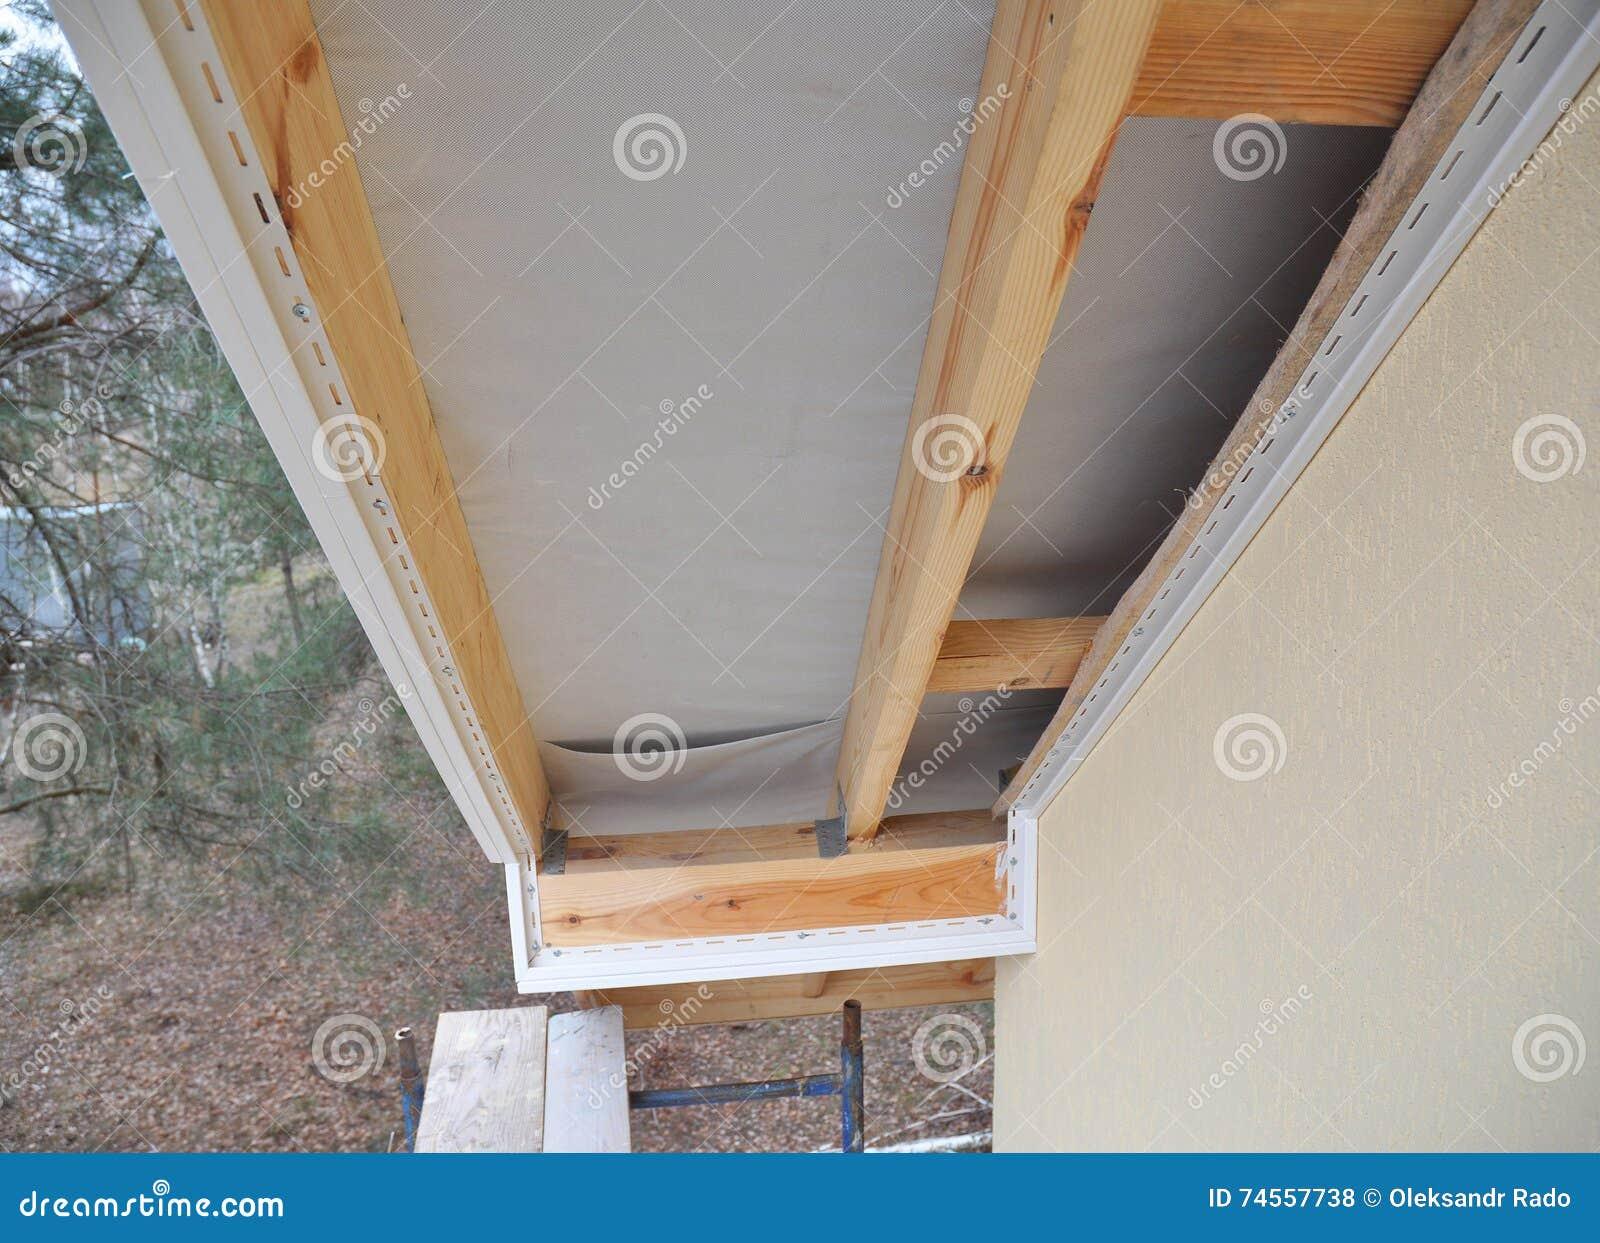 installieren sie laibung deckungs bau laibung und binde wird normalerweise aus vinyl holz oder. Black Bedroom Furniture Sets. Home Design Ideas